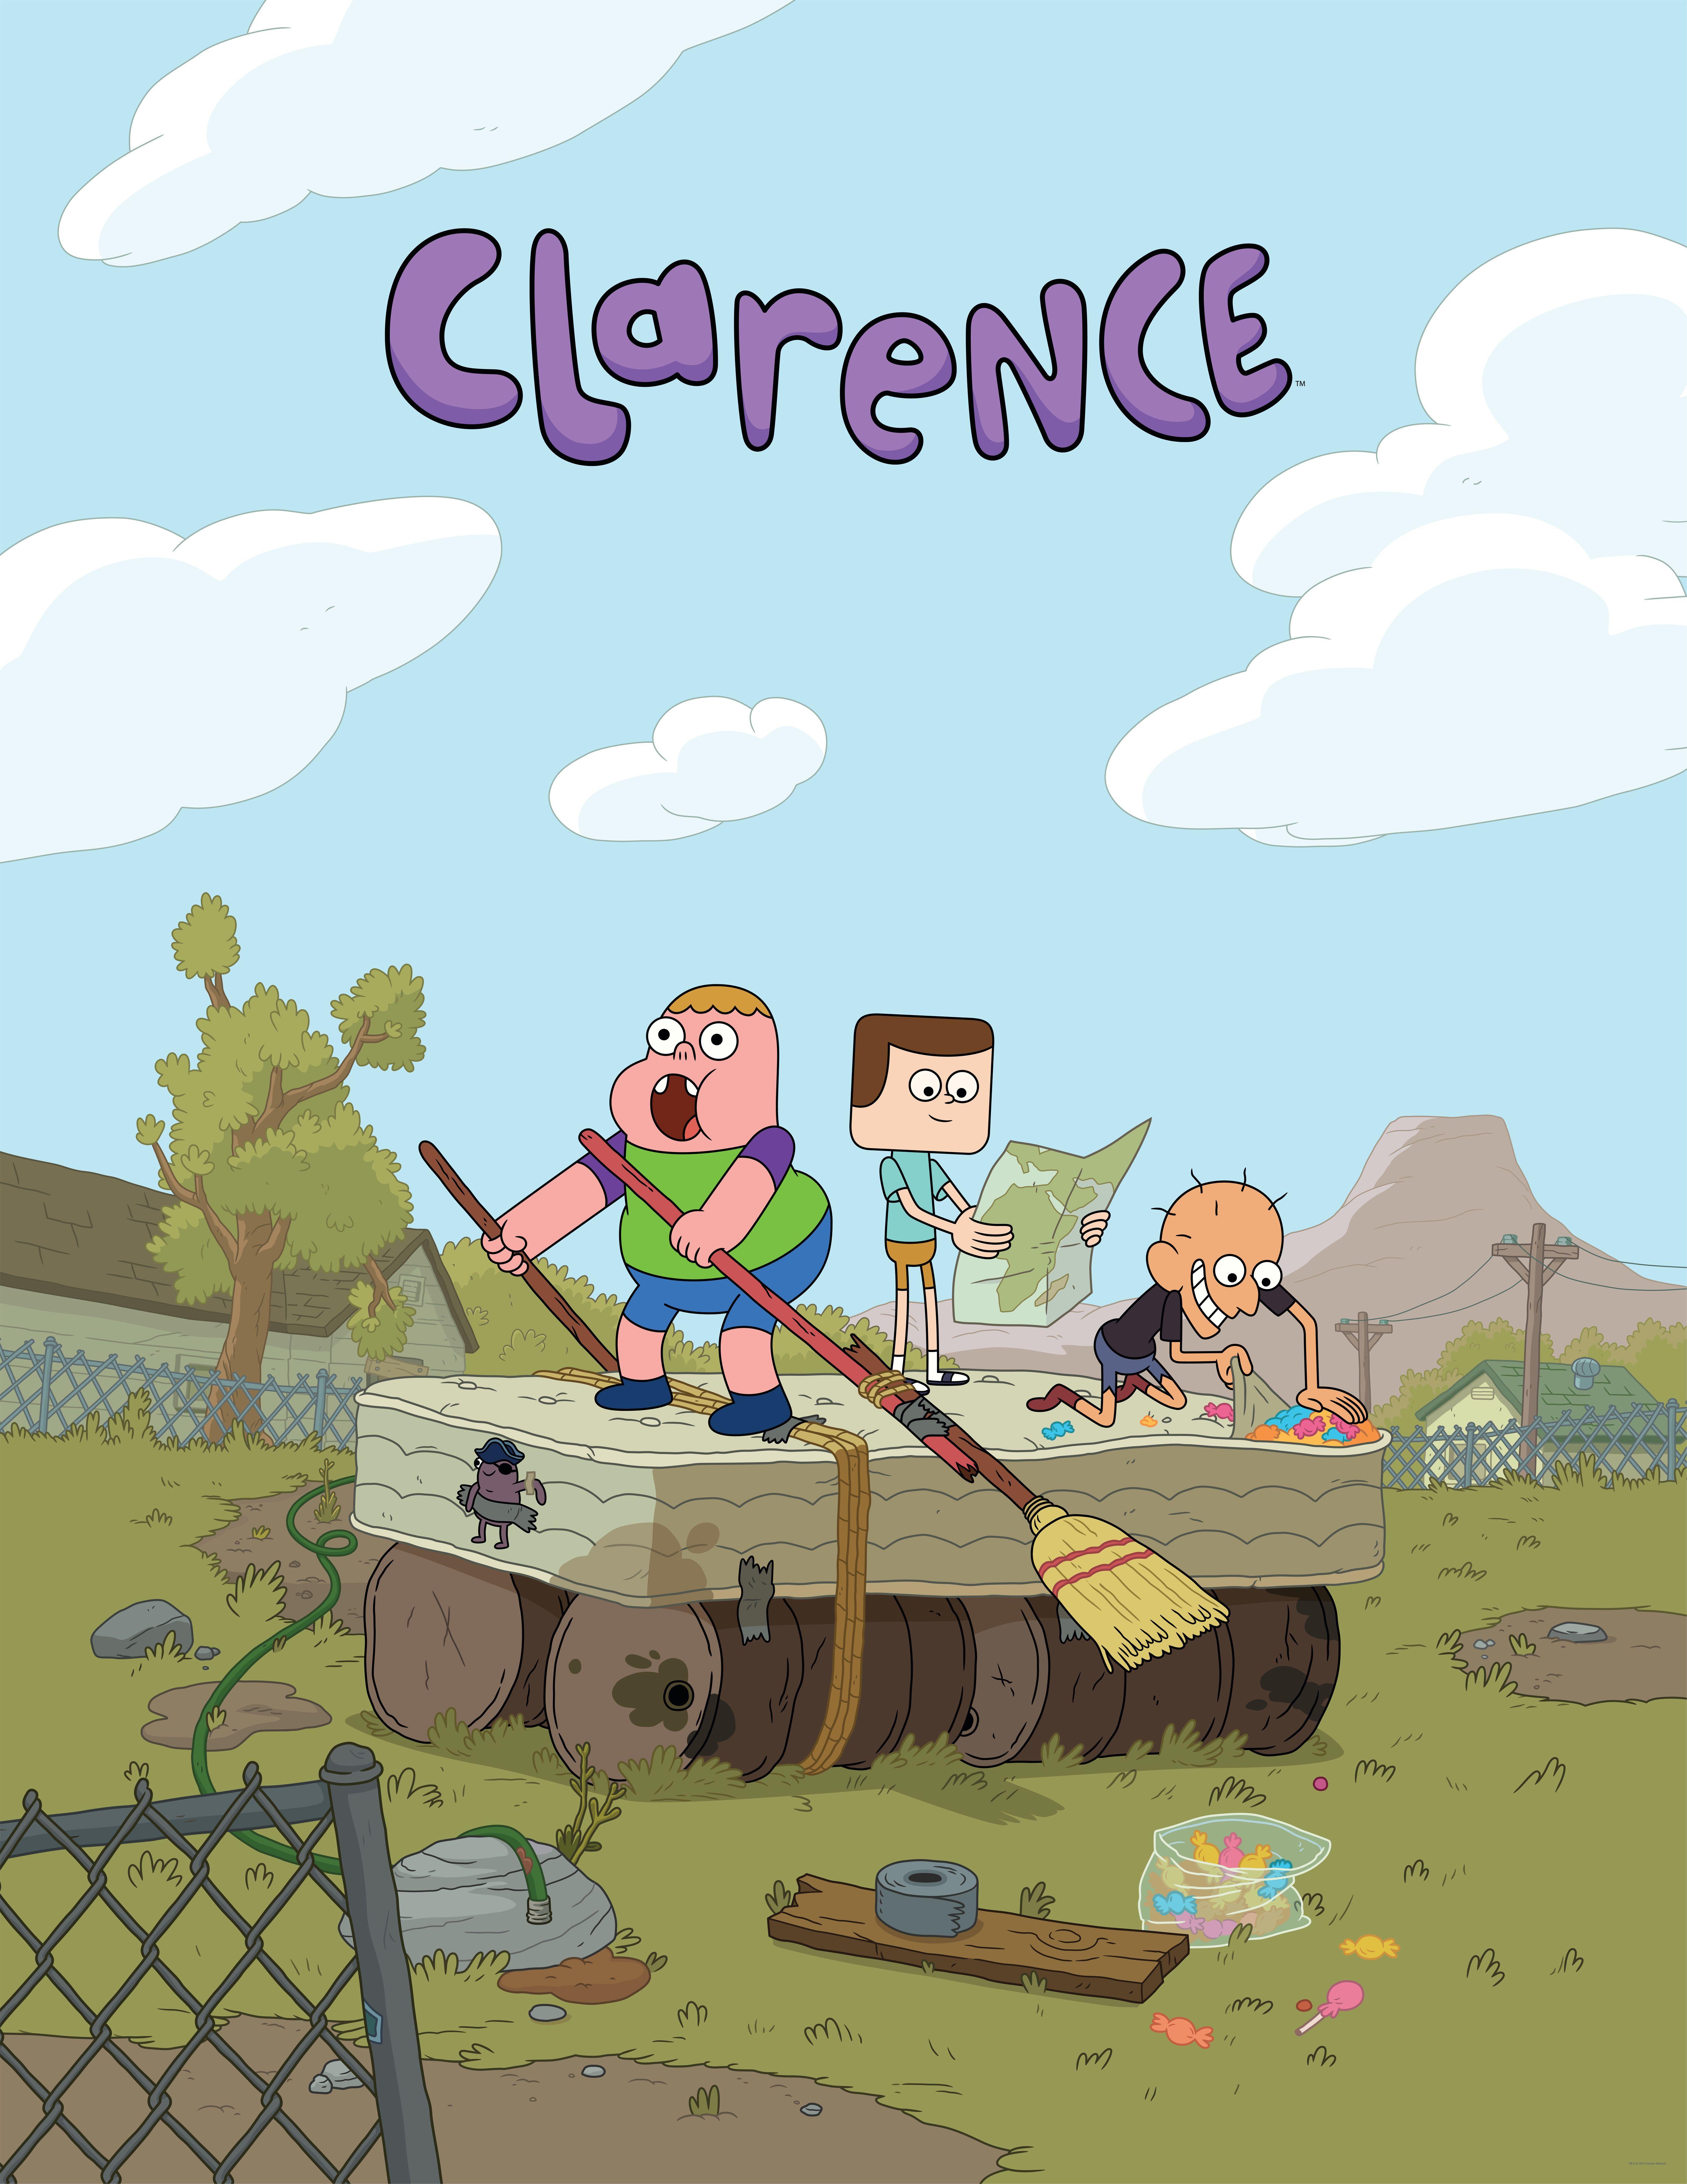 Clarence Wallpaper 2 Cartoon Network - WallpaperSafari